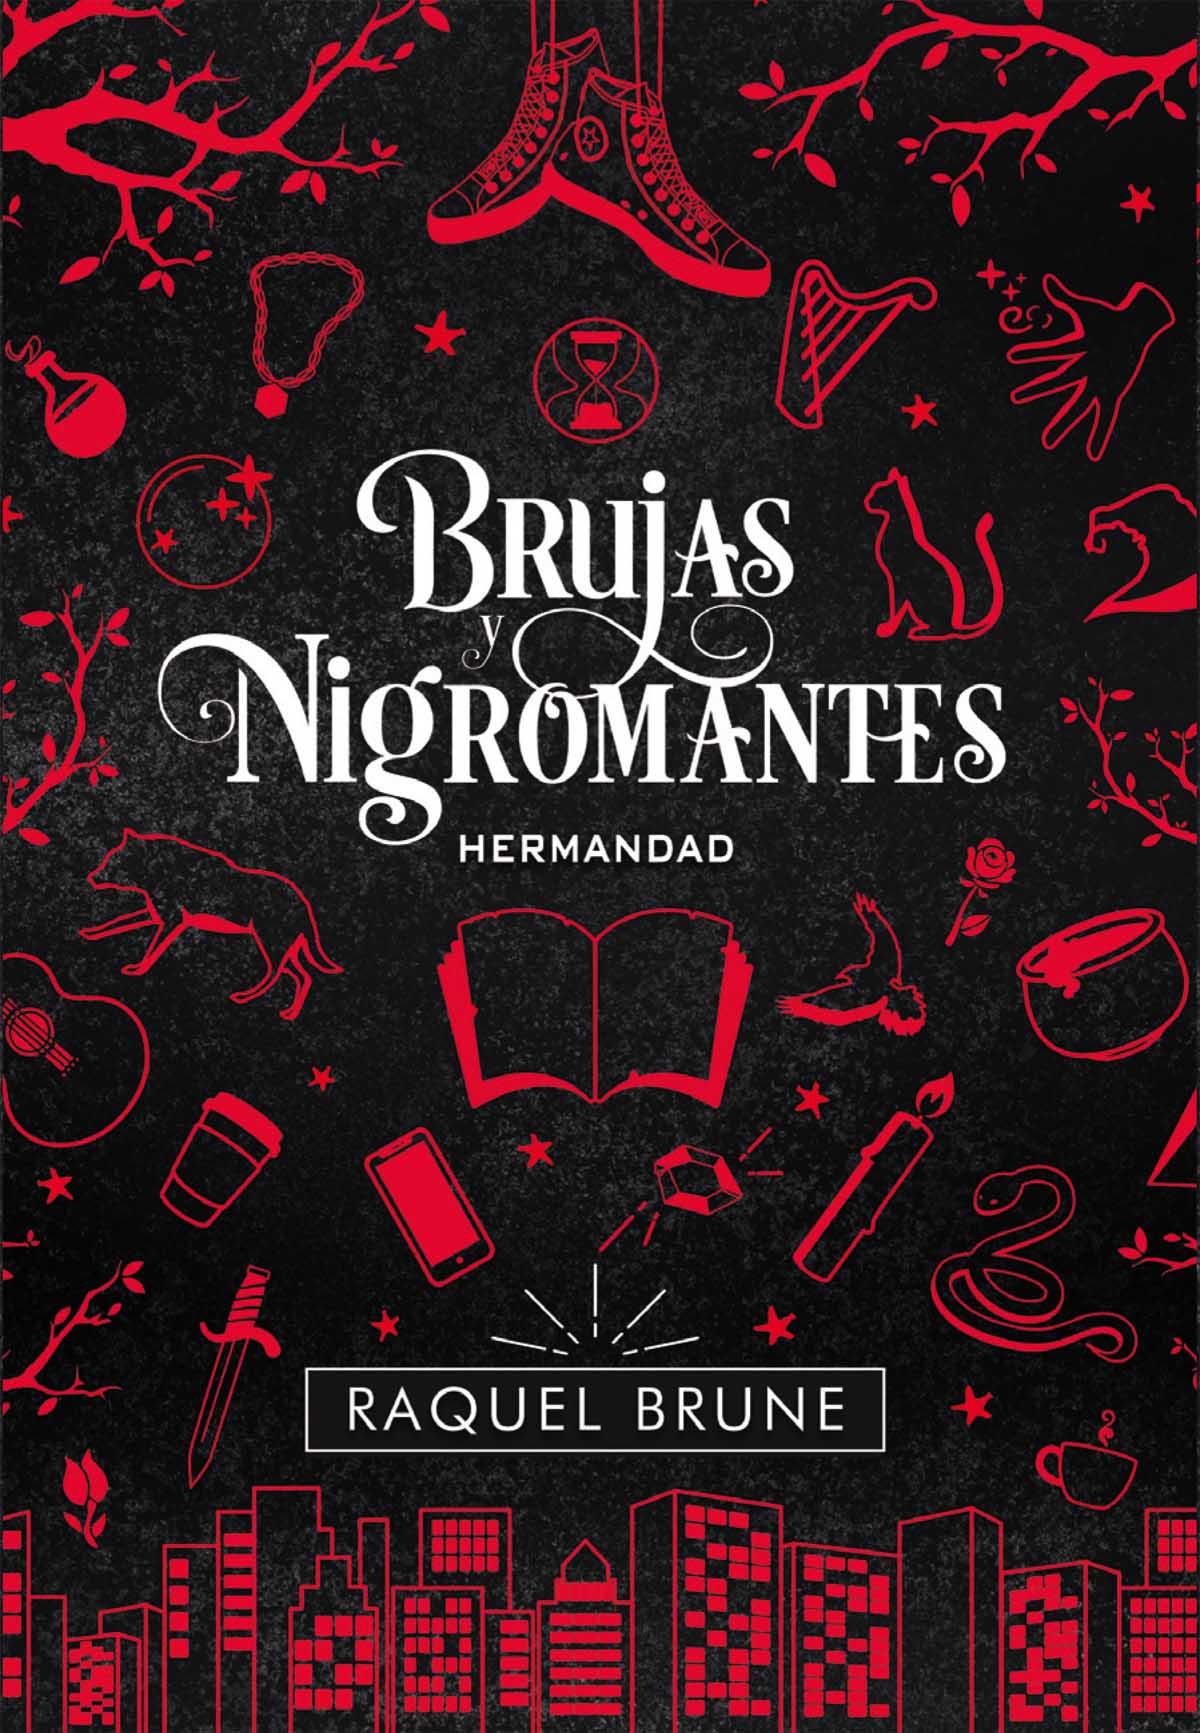 Portada libro - Brujas y Nigromantes: Hermandad